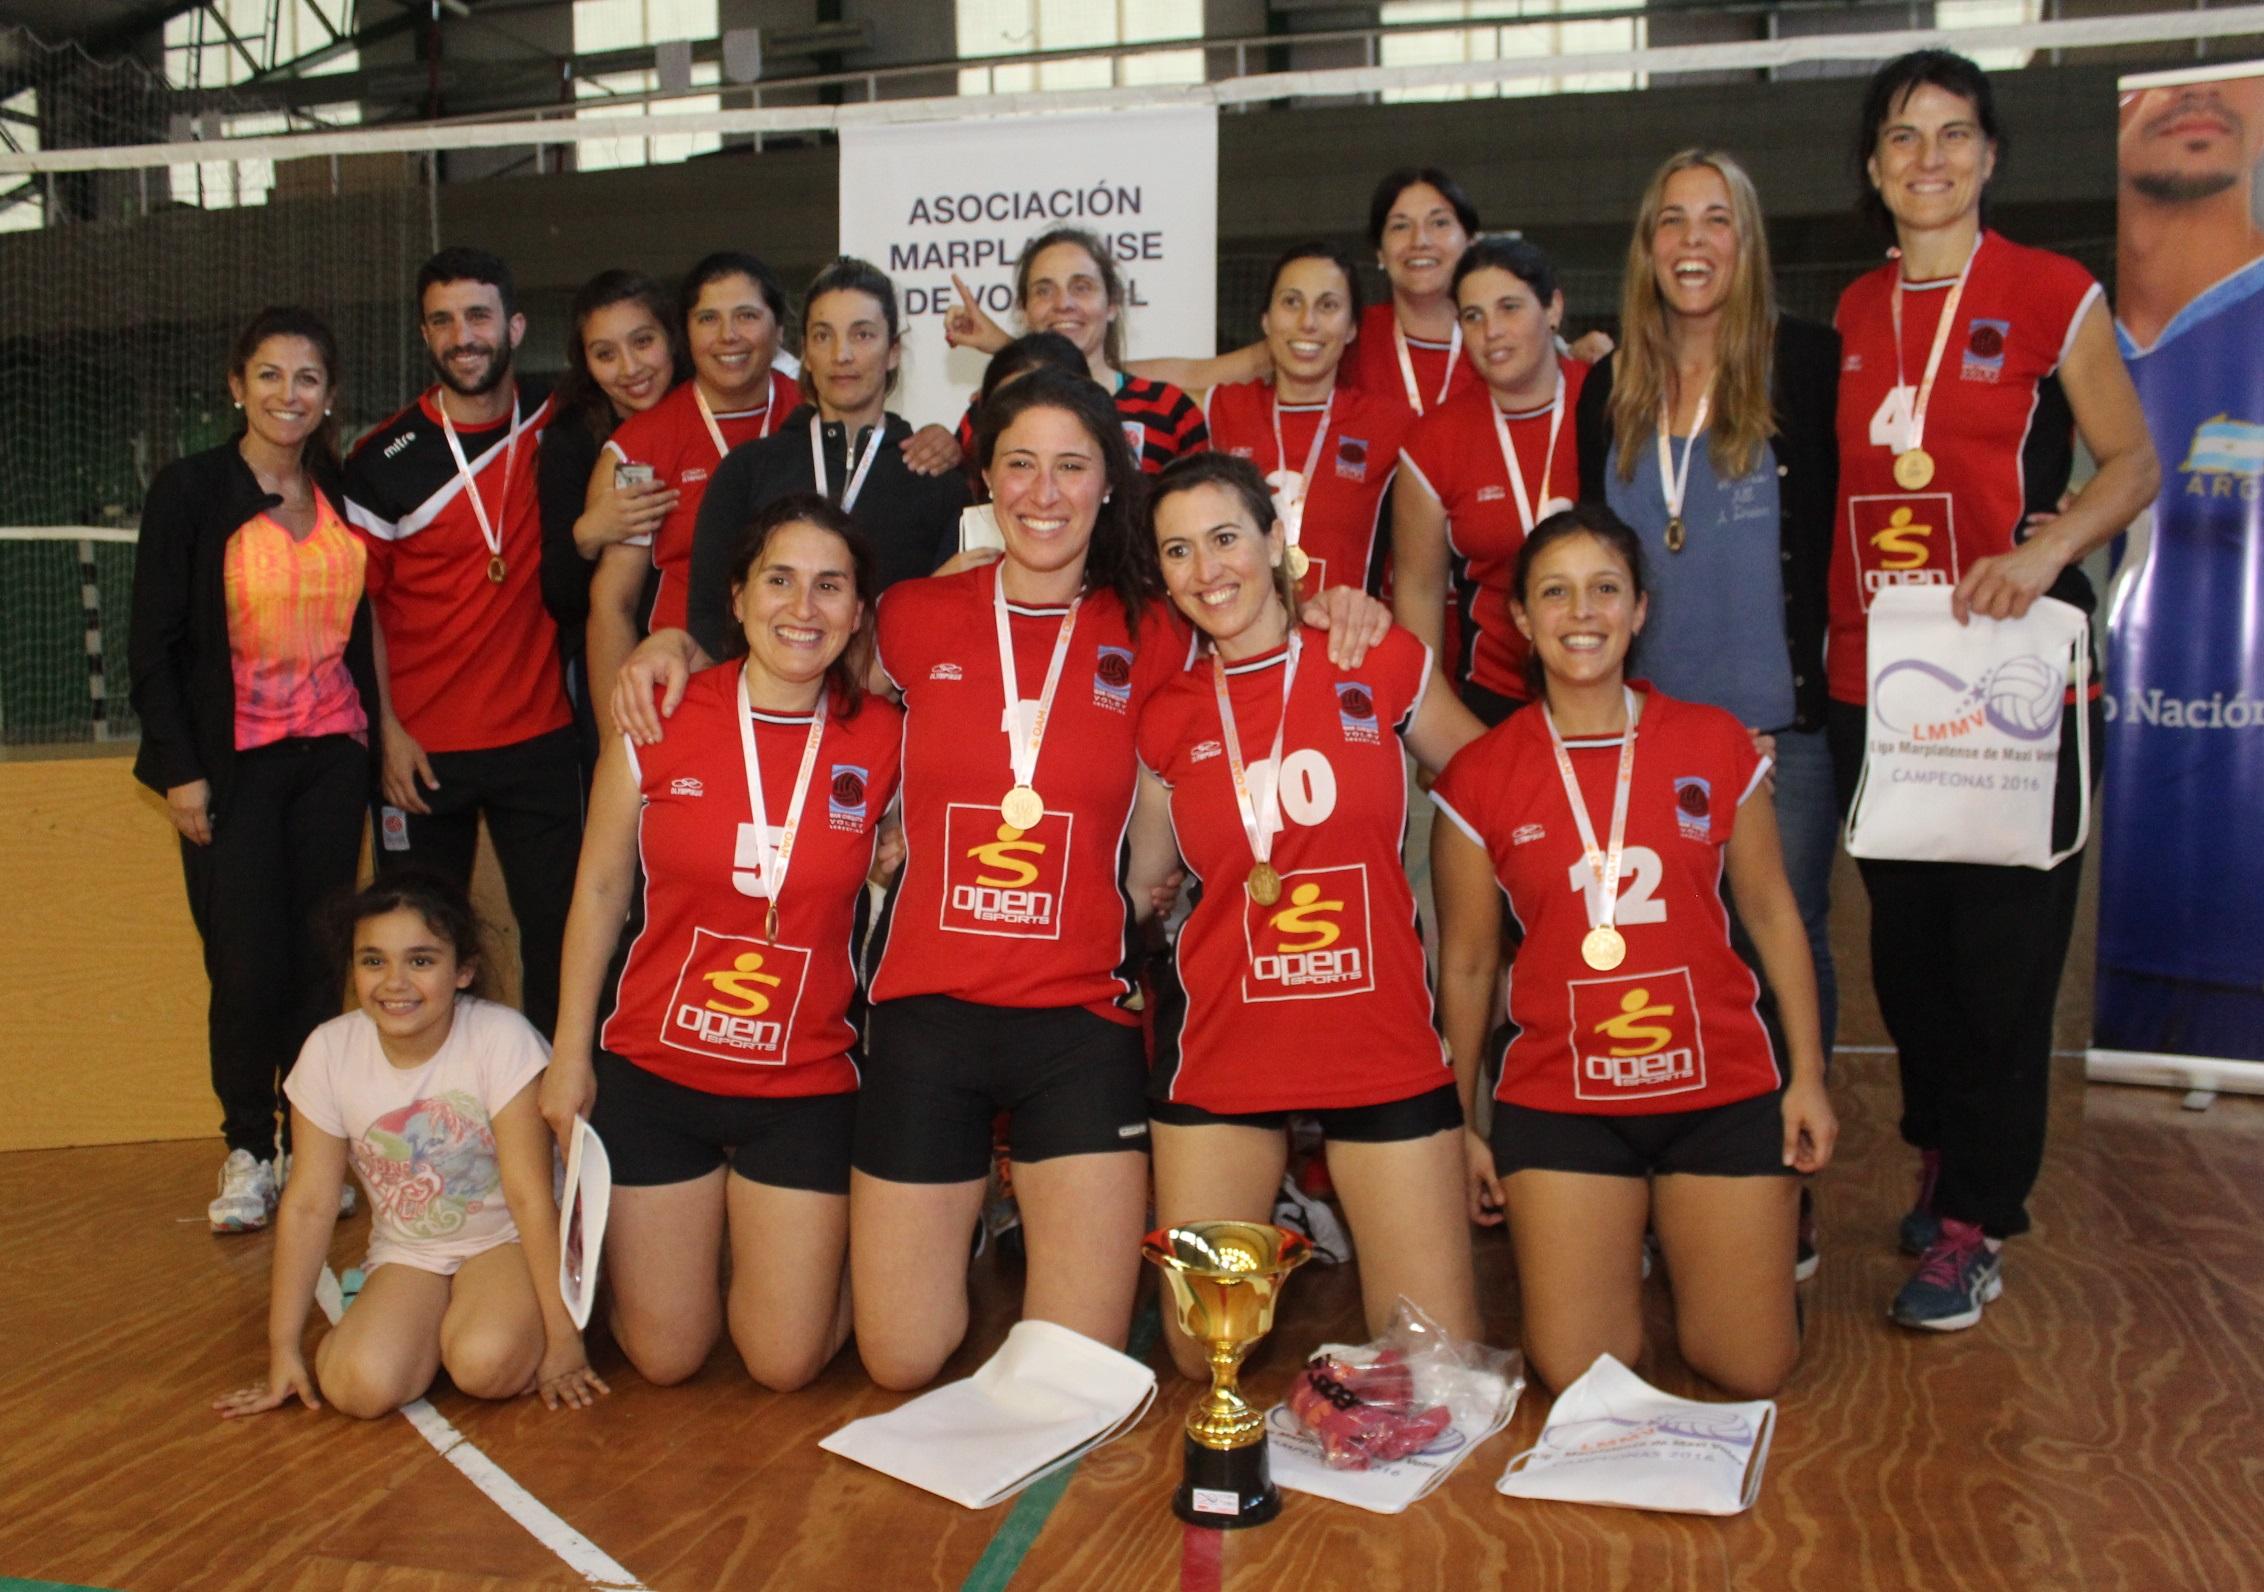 Las jugadoras de Mar Chiquita con la Copa de Oro.